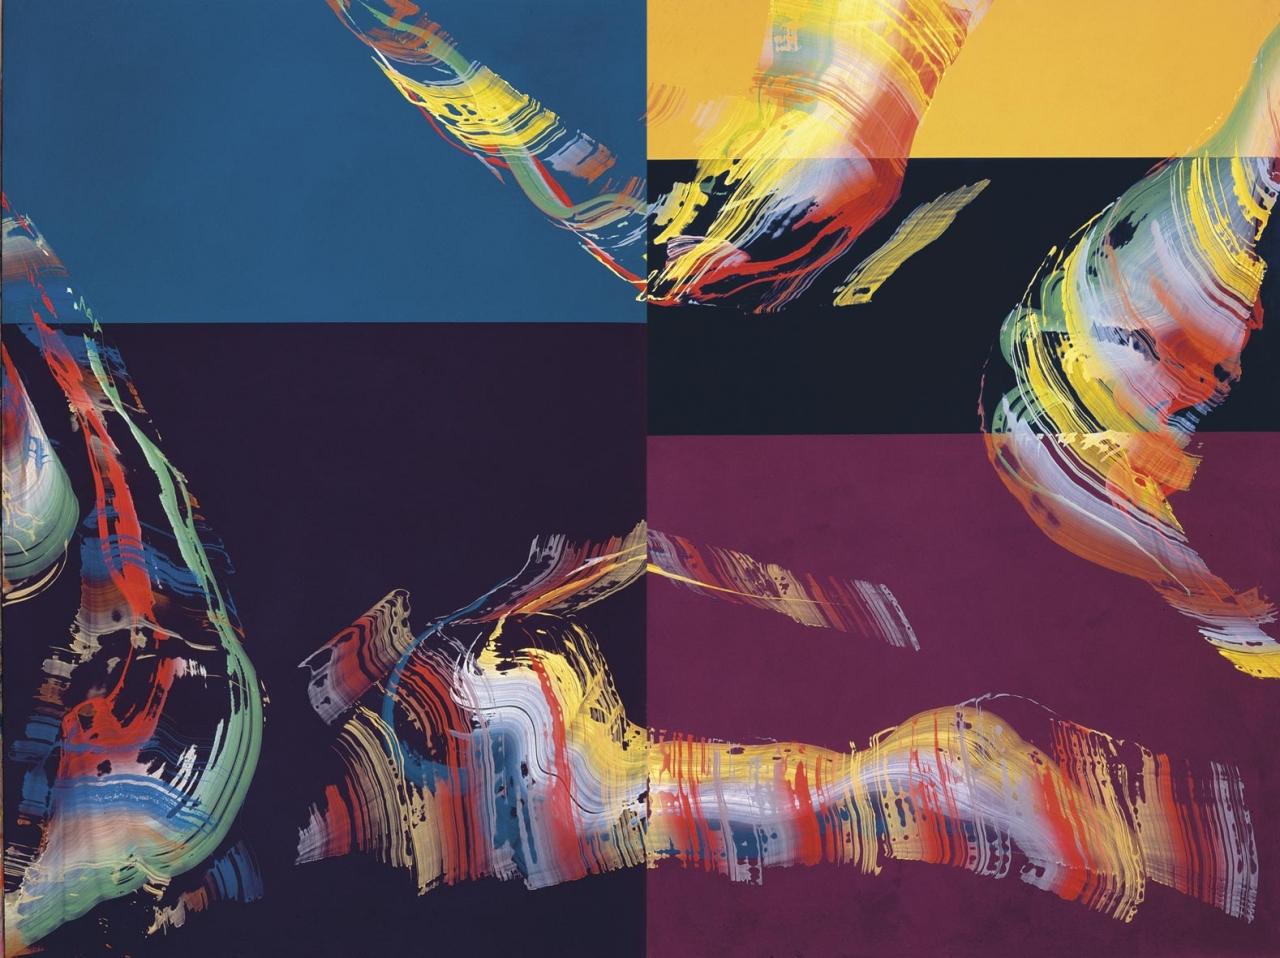 José Manuel Broto, 'Ligeti', 2006. Colección Sidercal Minerales, SA. © fotografía: cortesía del artista. © de la obra, el artista